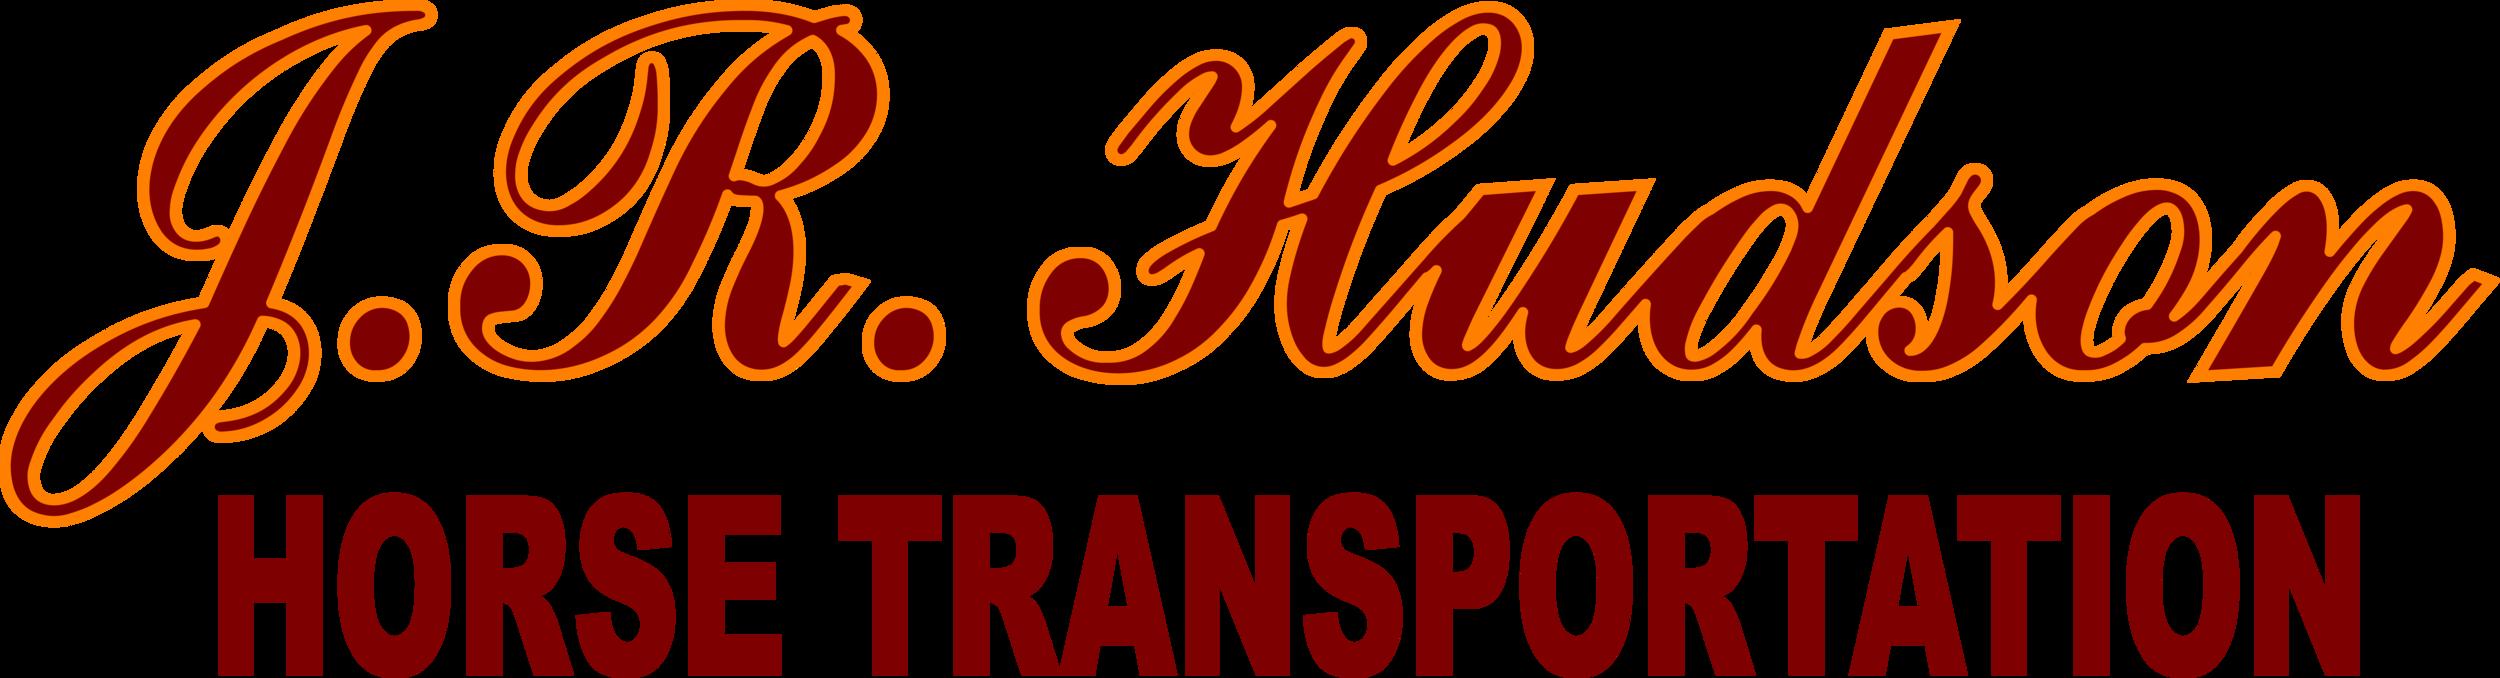 J R Hudson Horse Transportation